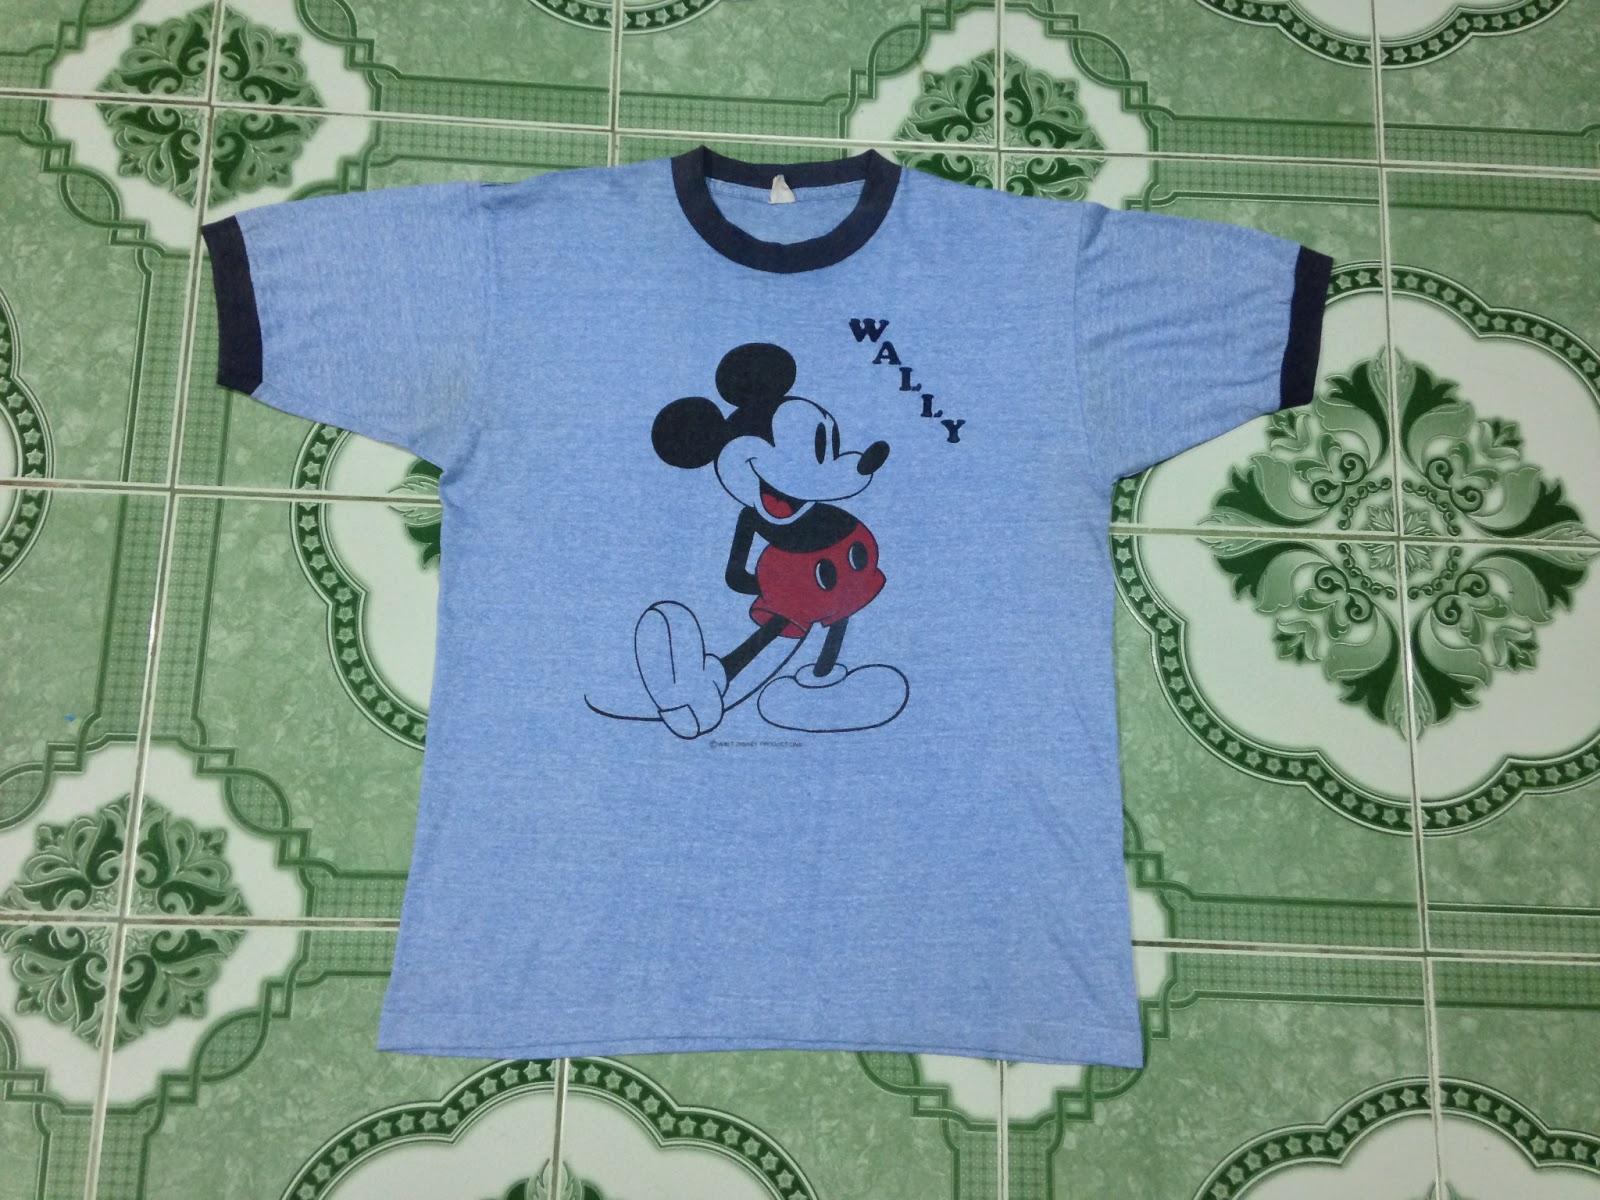 Kedai Baju Guniiiii Vintage Mickey Mouse Wally Ringer 3 Kain Anak Mikimouse